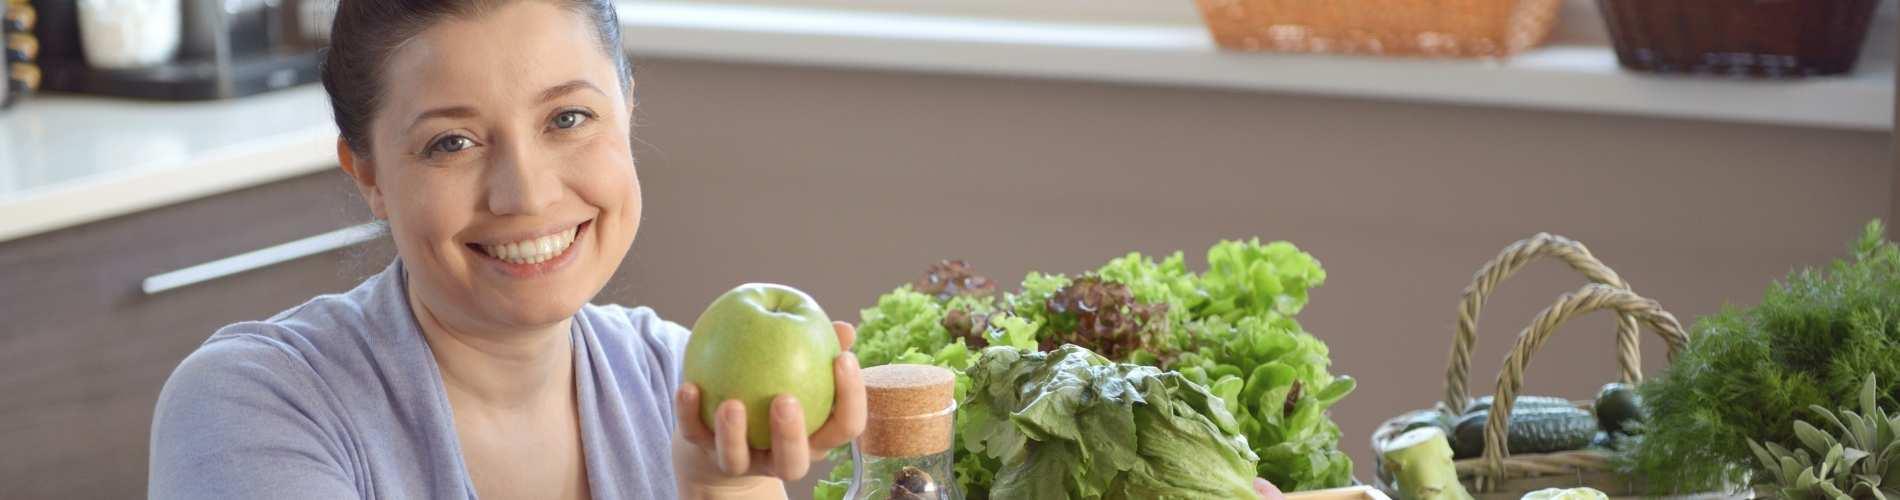 Food waste 27